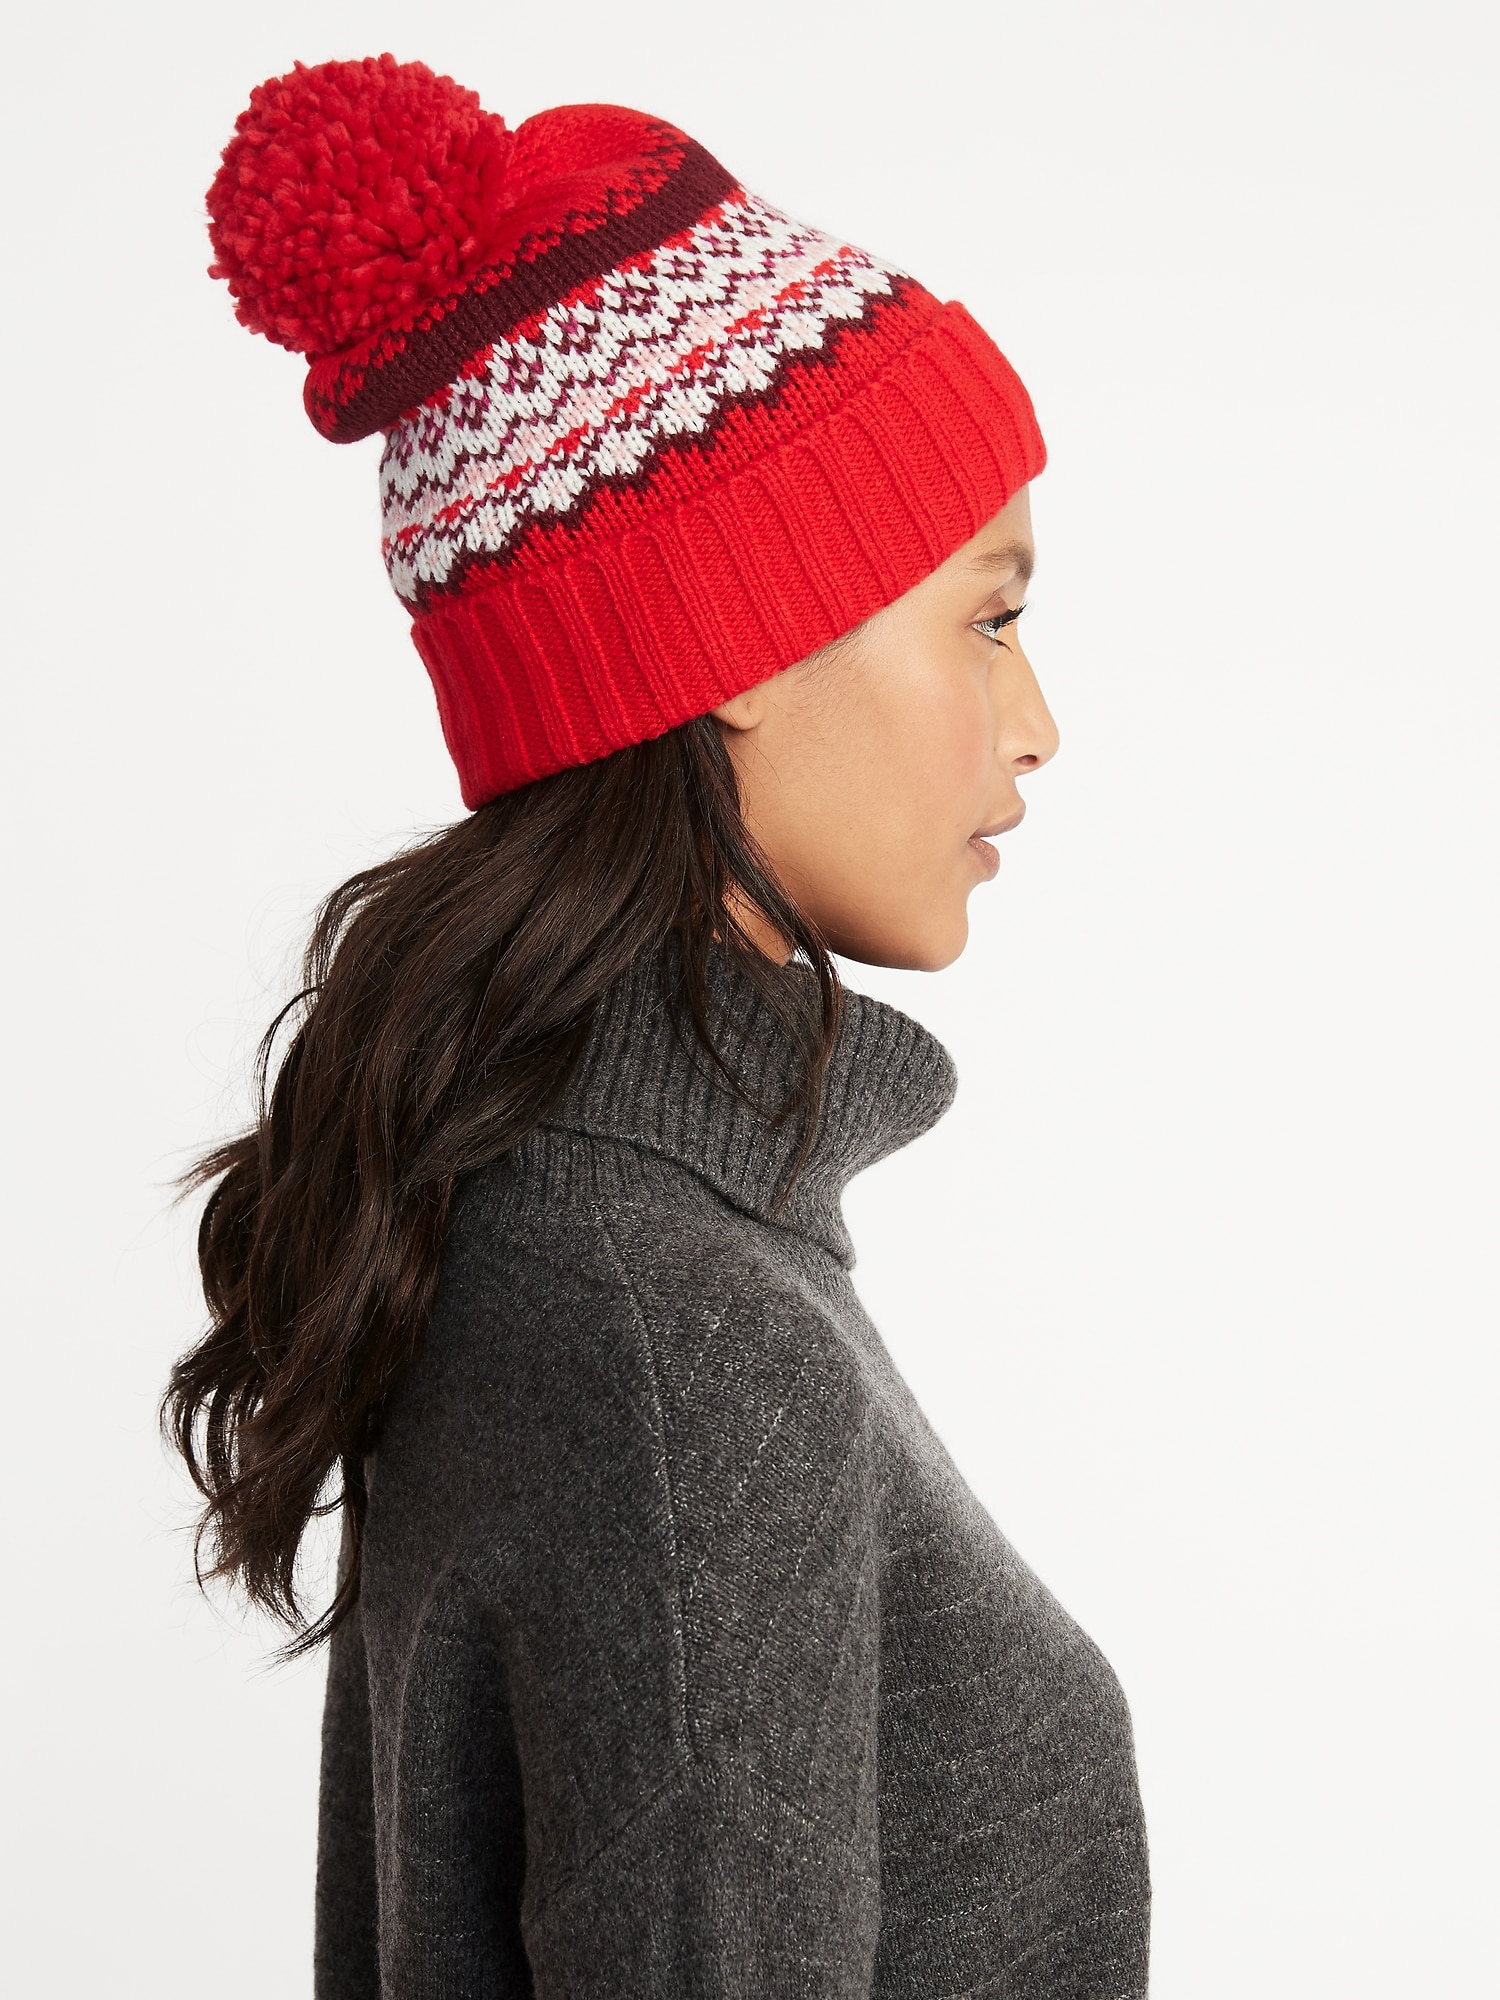 Printed Sweater-Knit Pom-Pom Beanie for Women  31146c76a0b2